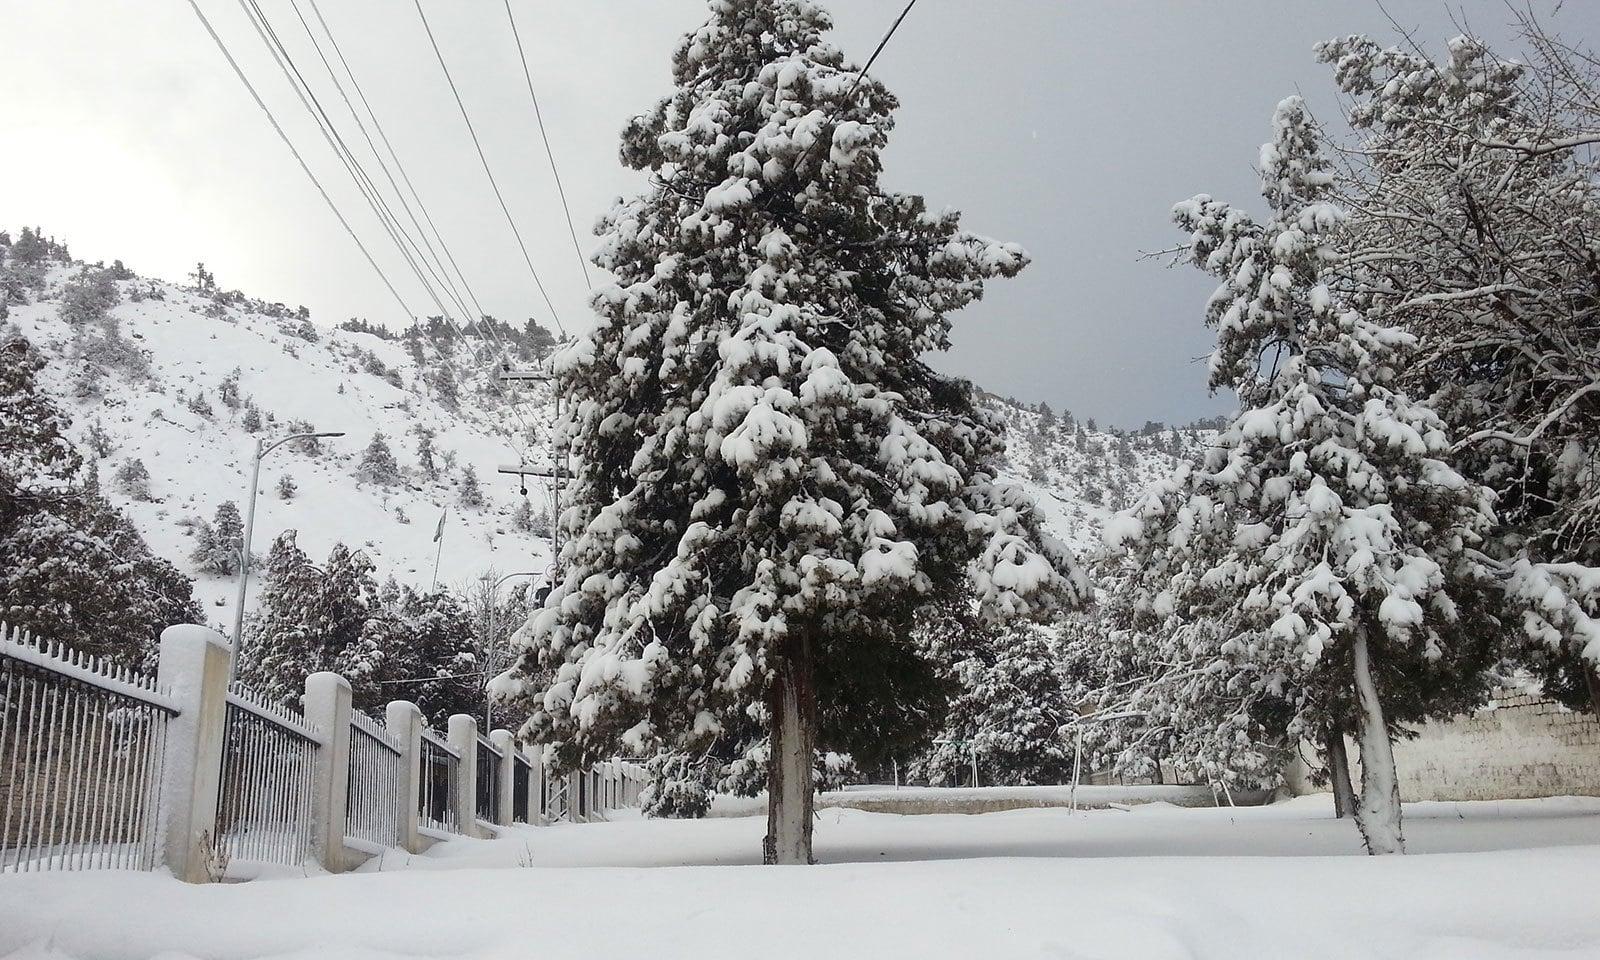 برفباری کے بعد زیارت کا خوبصورت منظر — فوٹو بشکریہ وکی میڈیا کامنز